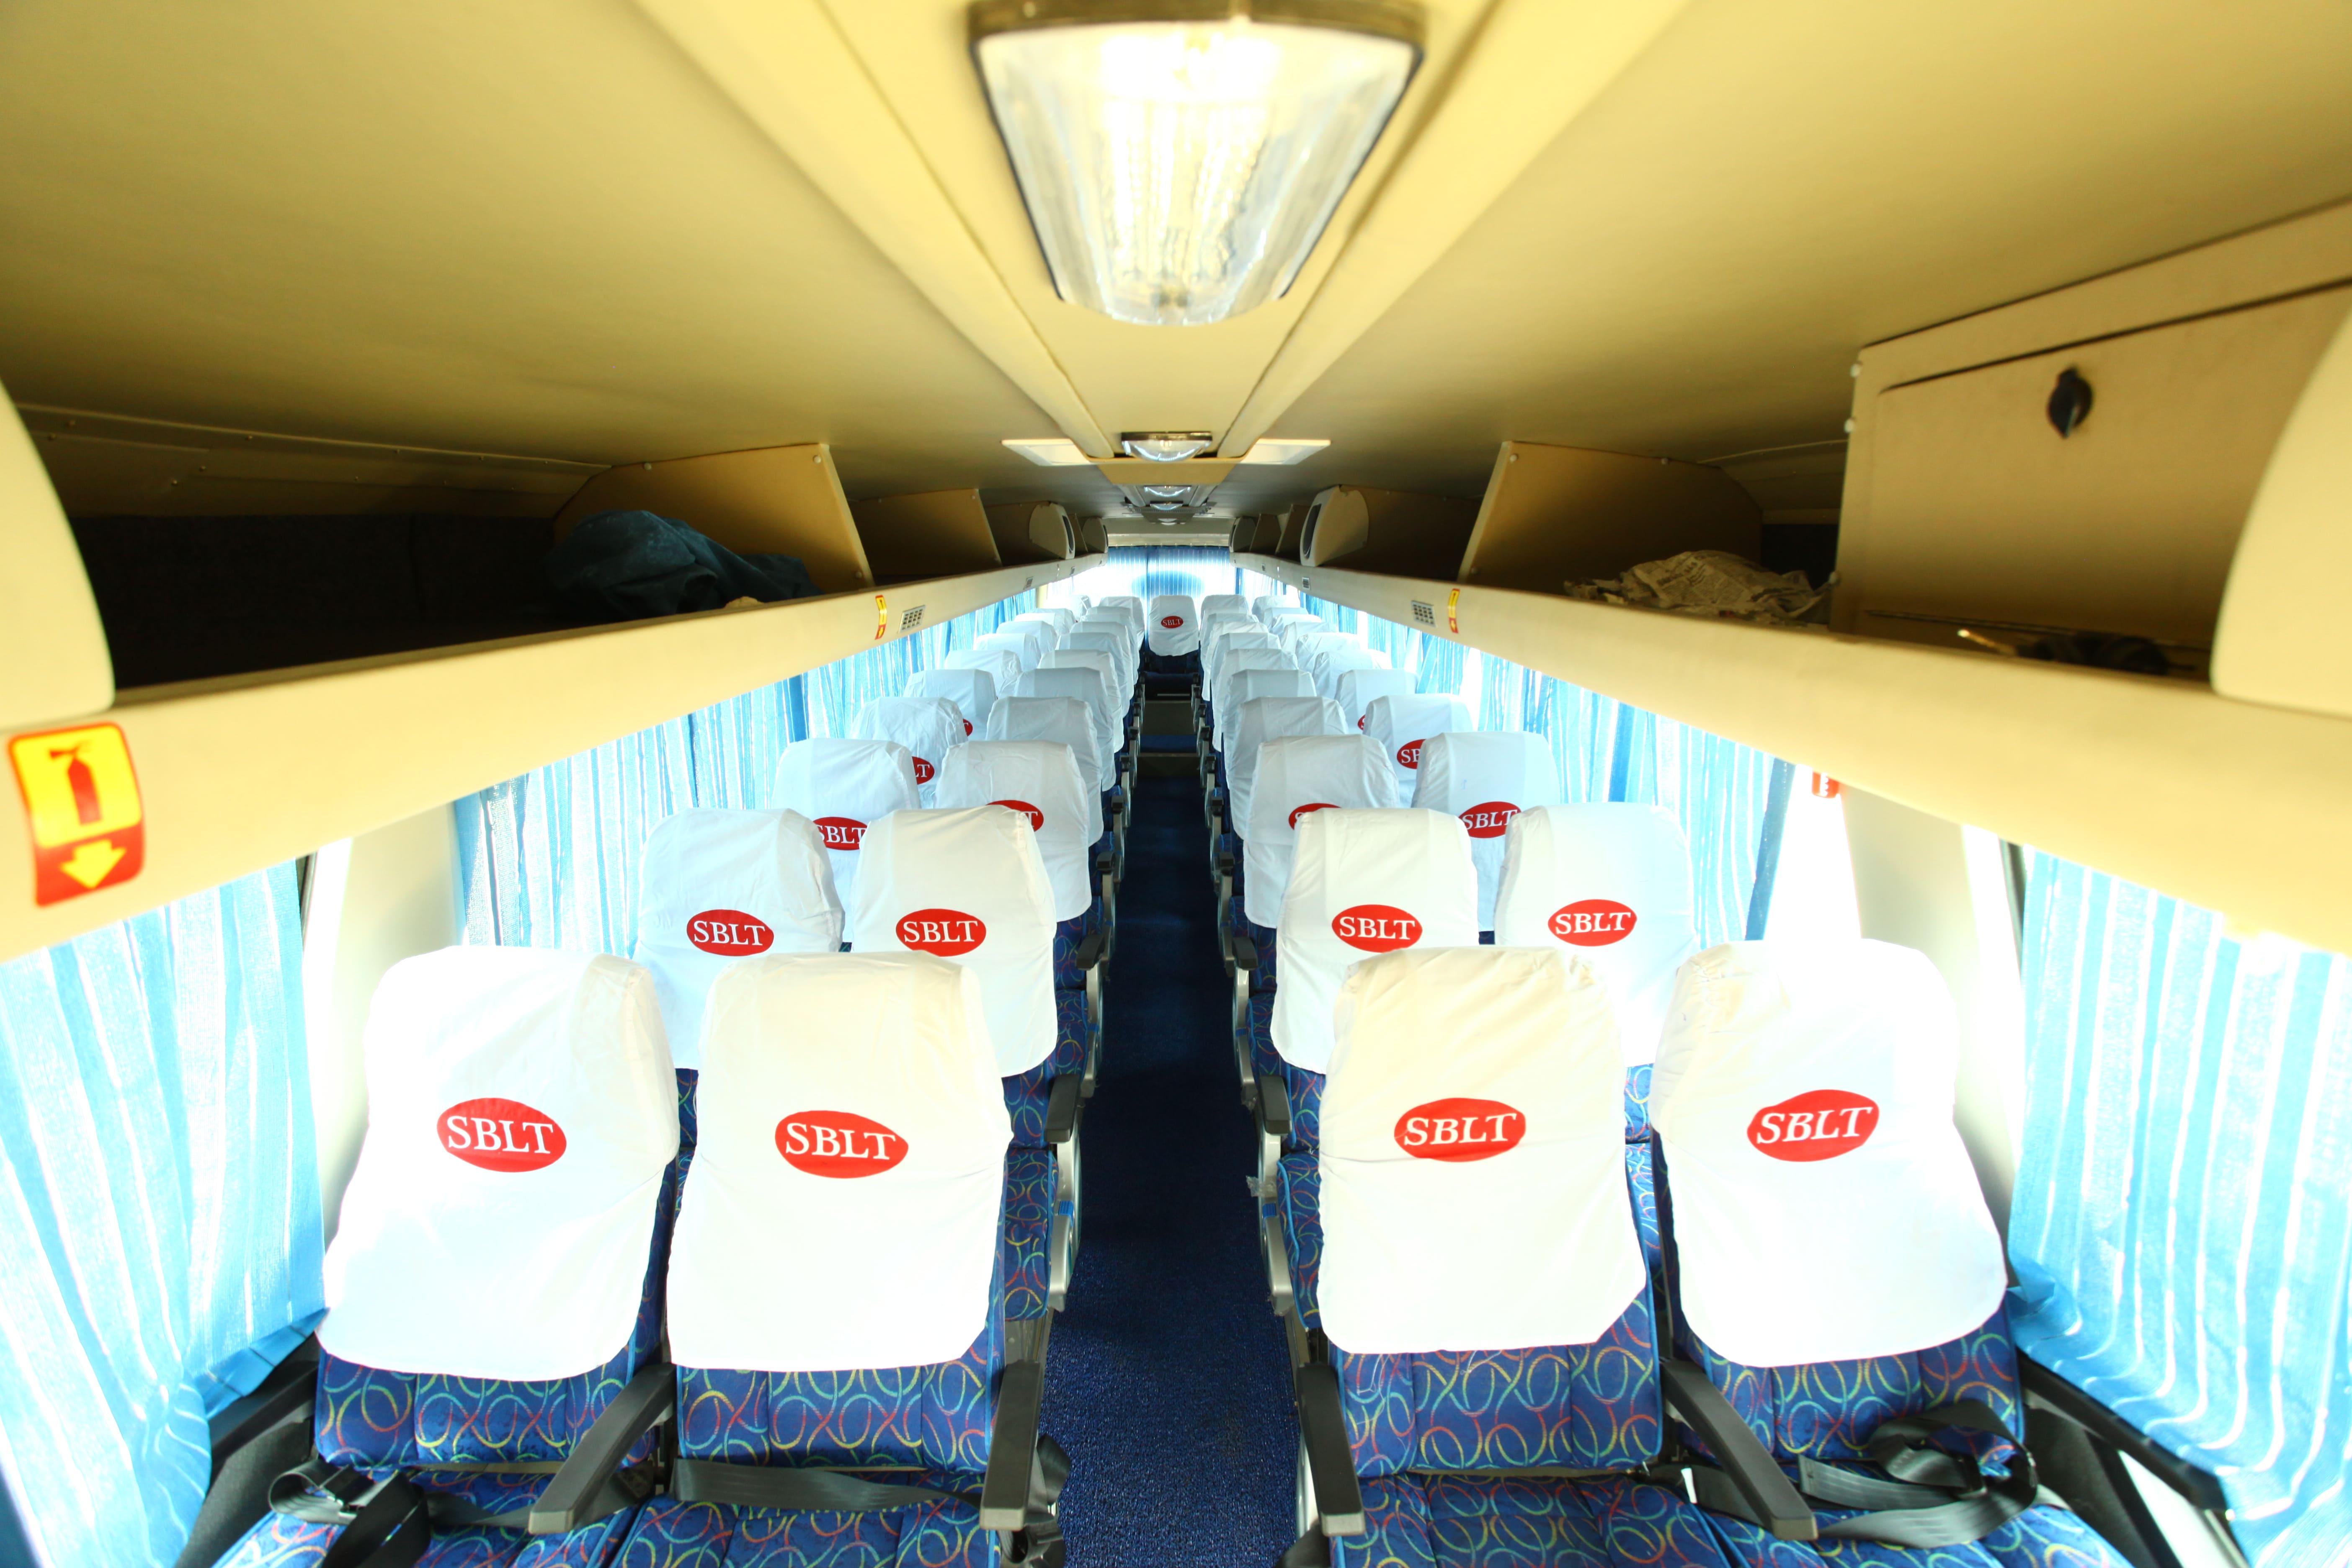 Sblt Isuzu Coaches View Inner